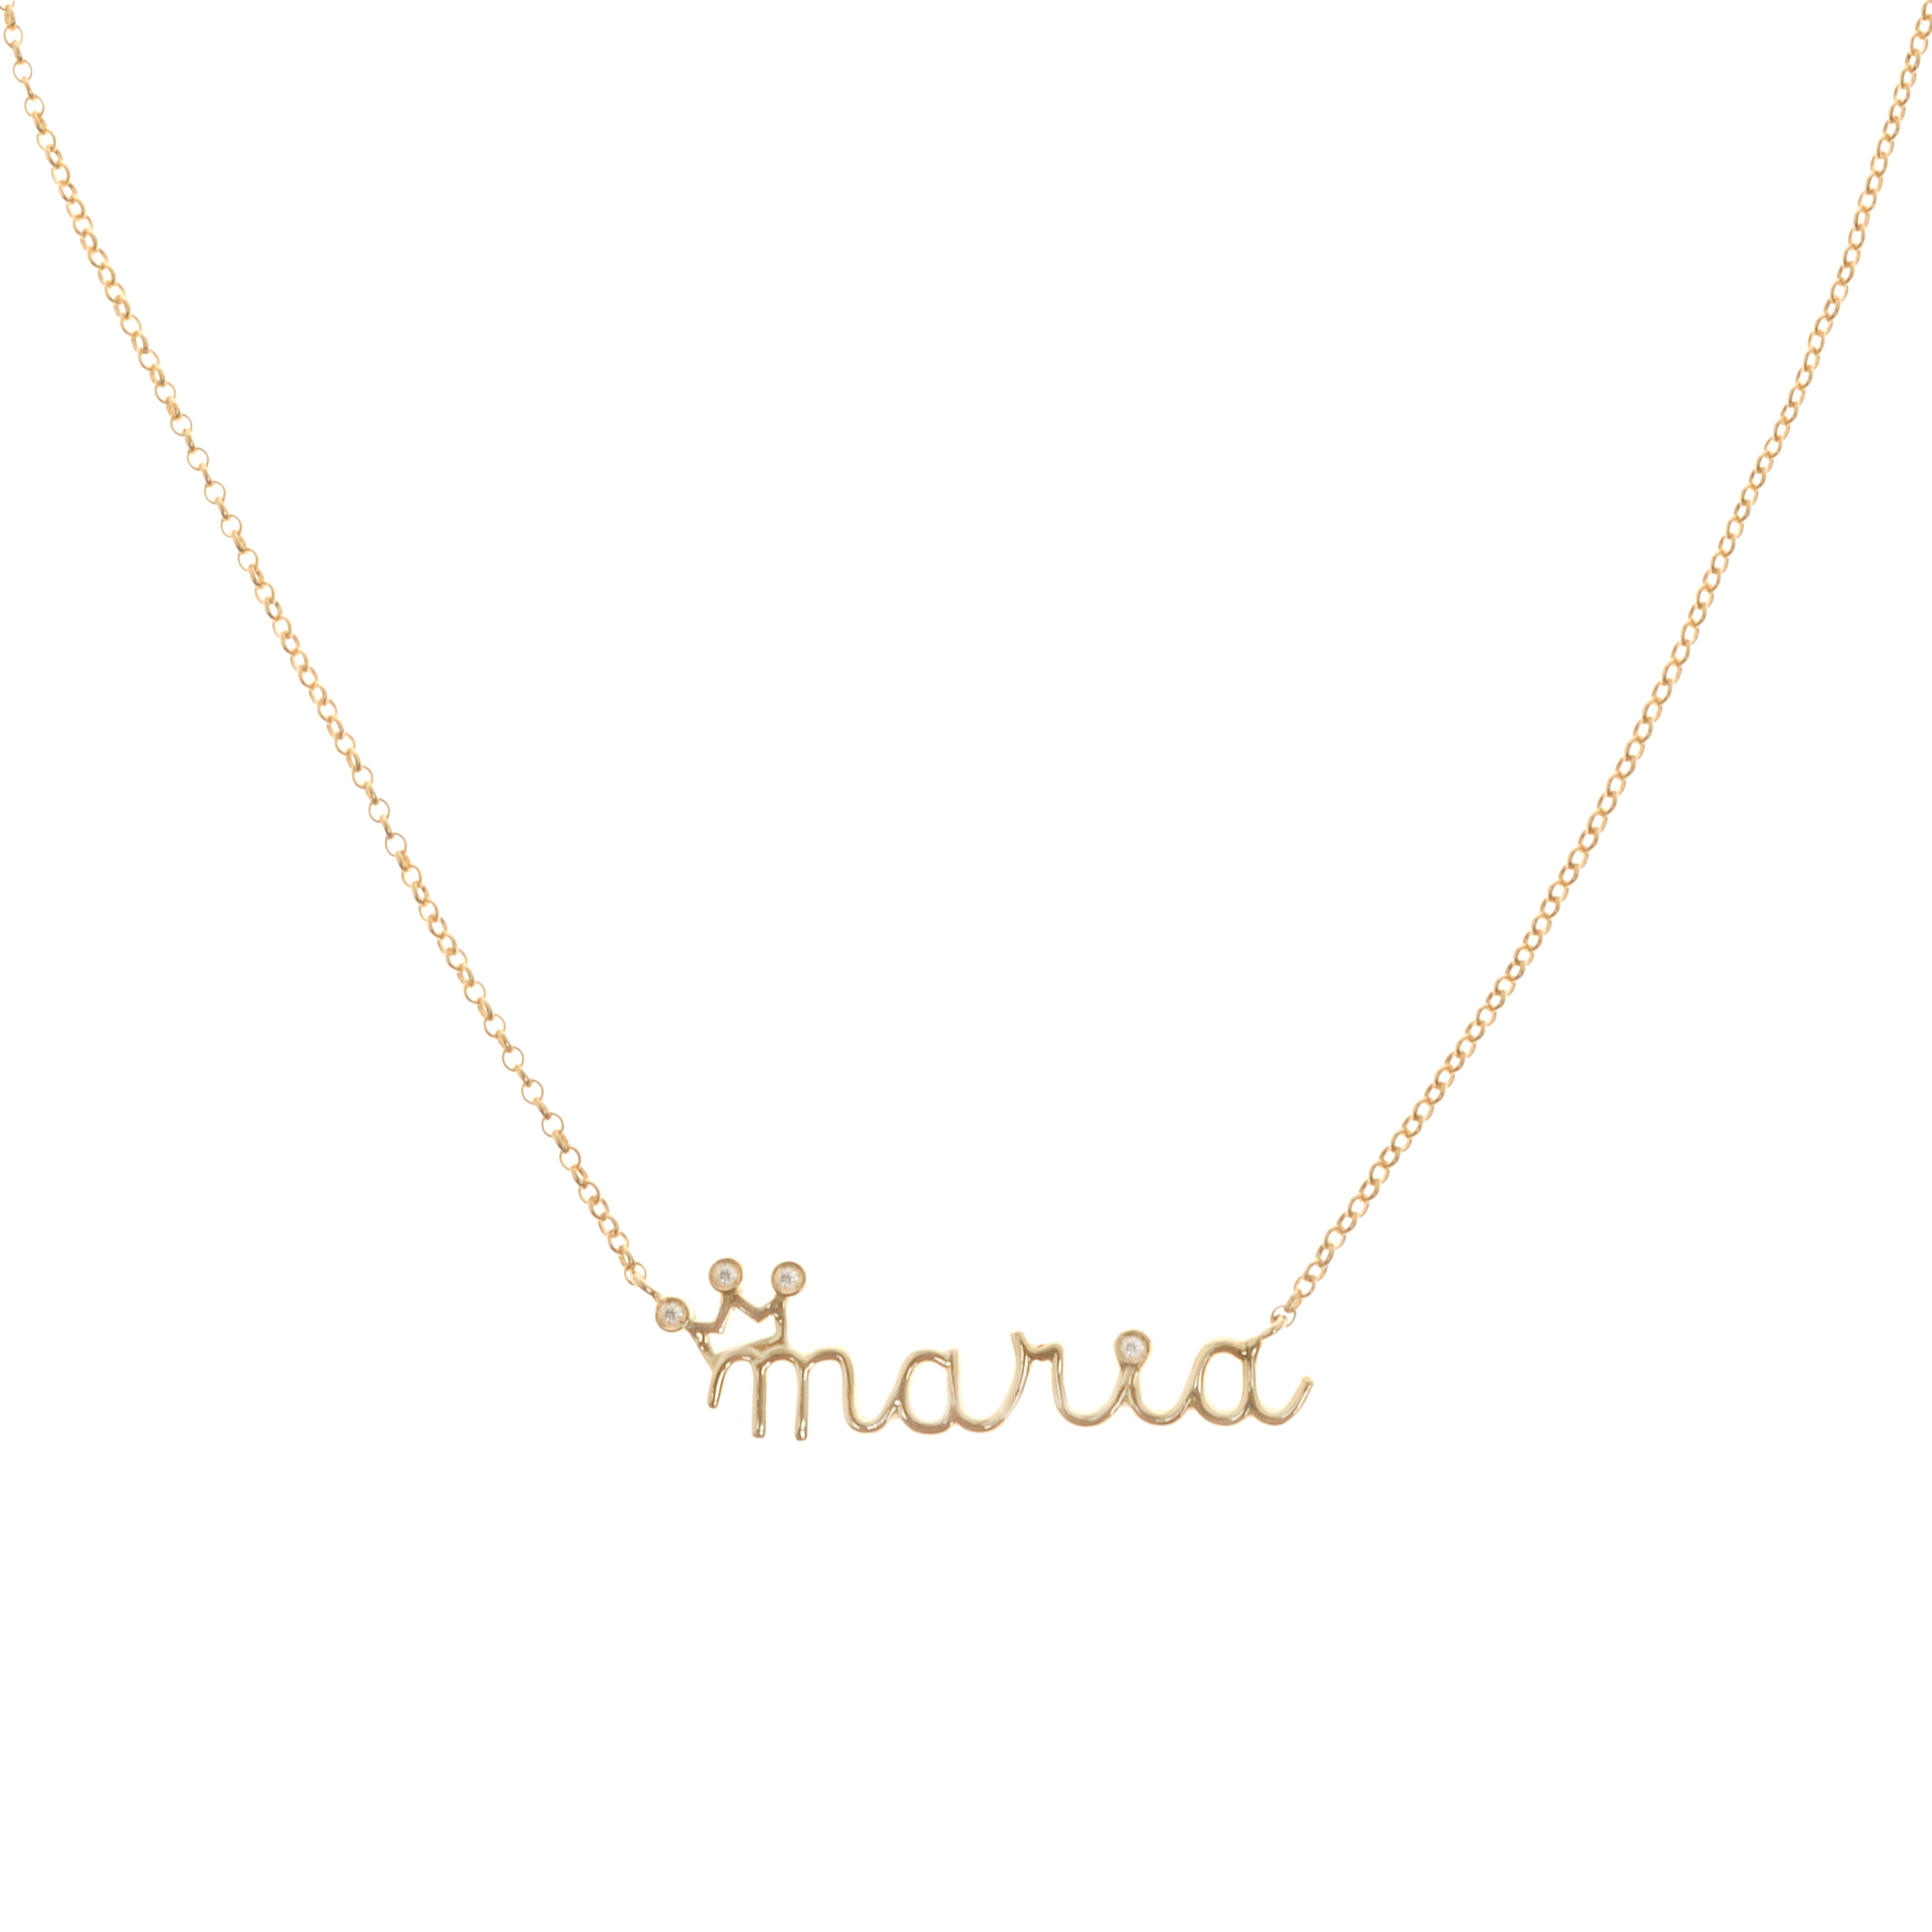 colar nome personalizado com coroa, em ouro e diamantes   name custom made  necklace, diamonds and gold 18k  fabimalavazi 6cb88891a1